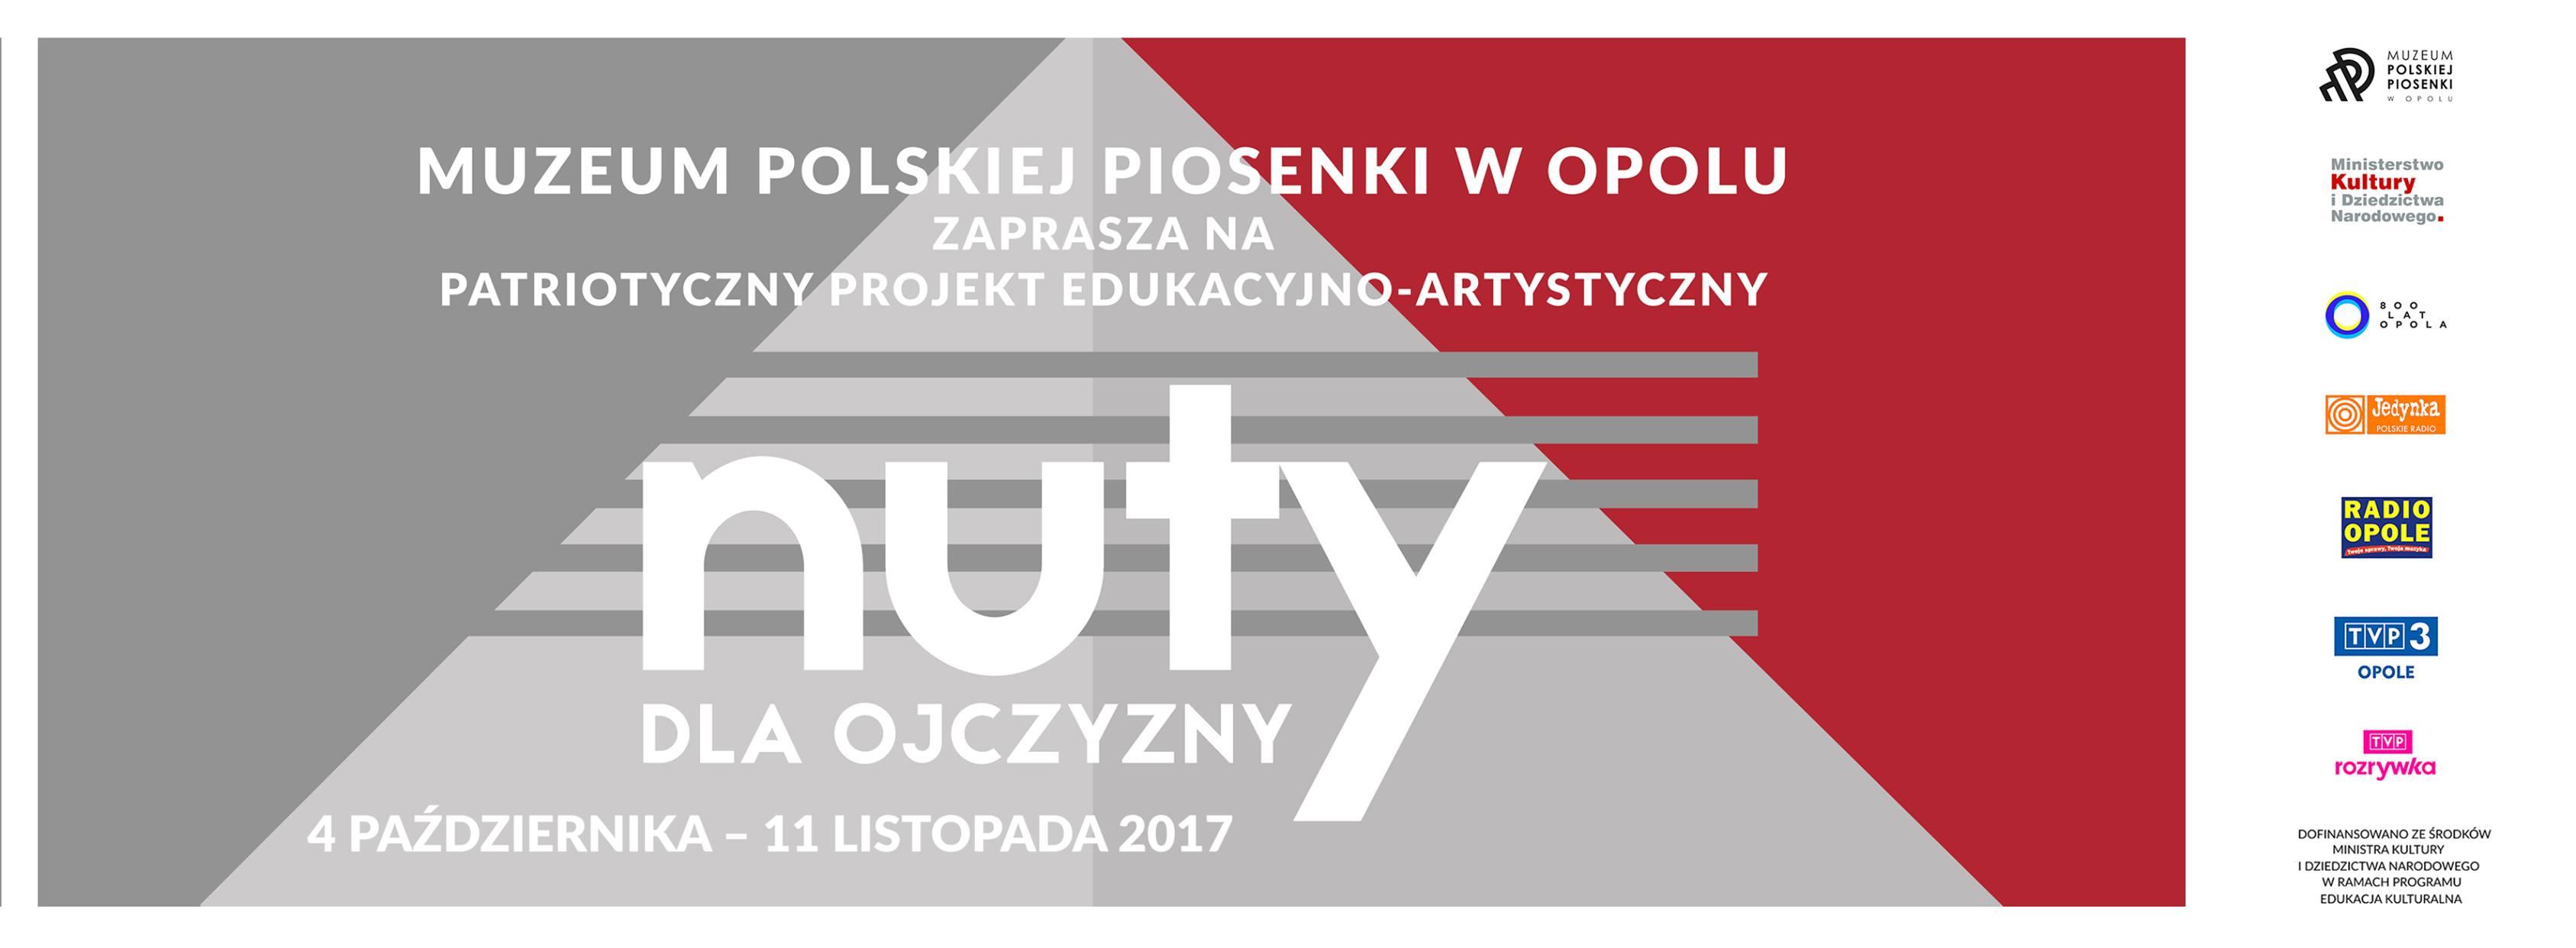 """Muzeum Polskiej Piosenki w Opolu zaprasza na cykl wydarzeń realizowanych w ramach projektu edukacyjno-artystycznego """"Nuty dla Ojczyzny"""""""